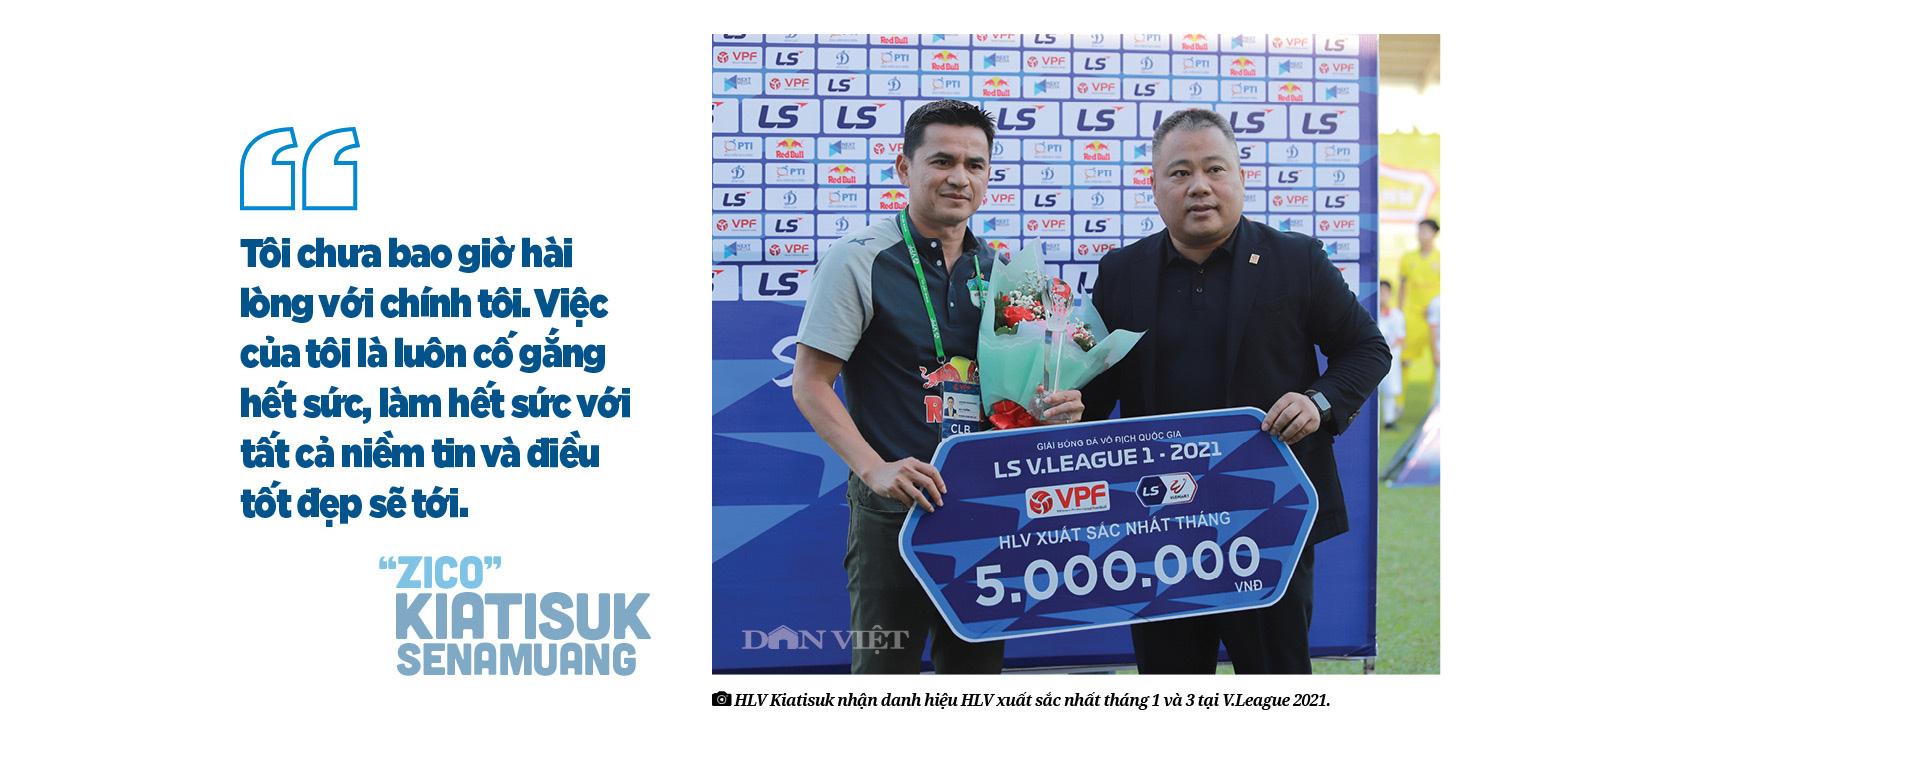 """""""Zico"""" Kiatisuk Senamuang: """"Tôi muốn cả thế giới biết đến HAGL"""" - Ảnh 17."""